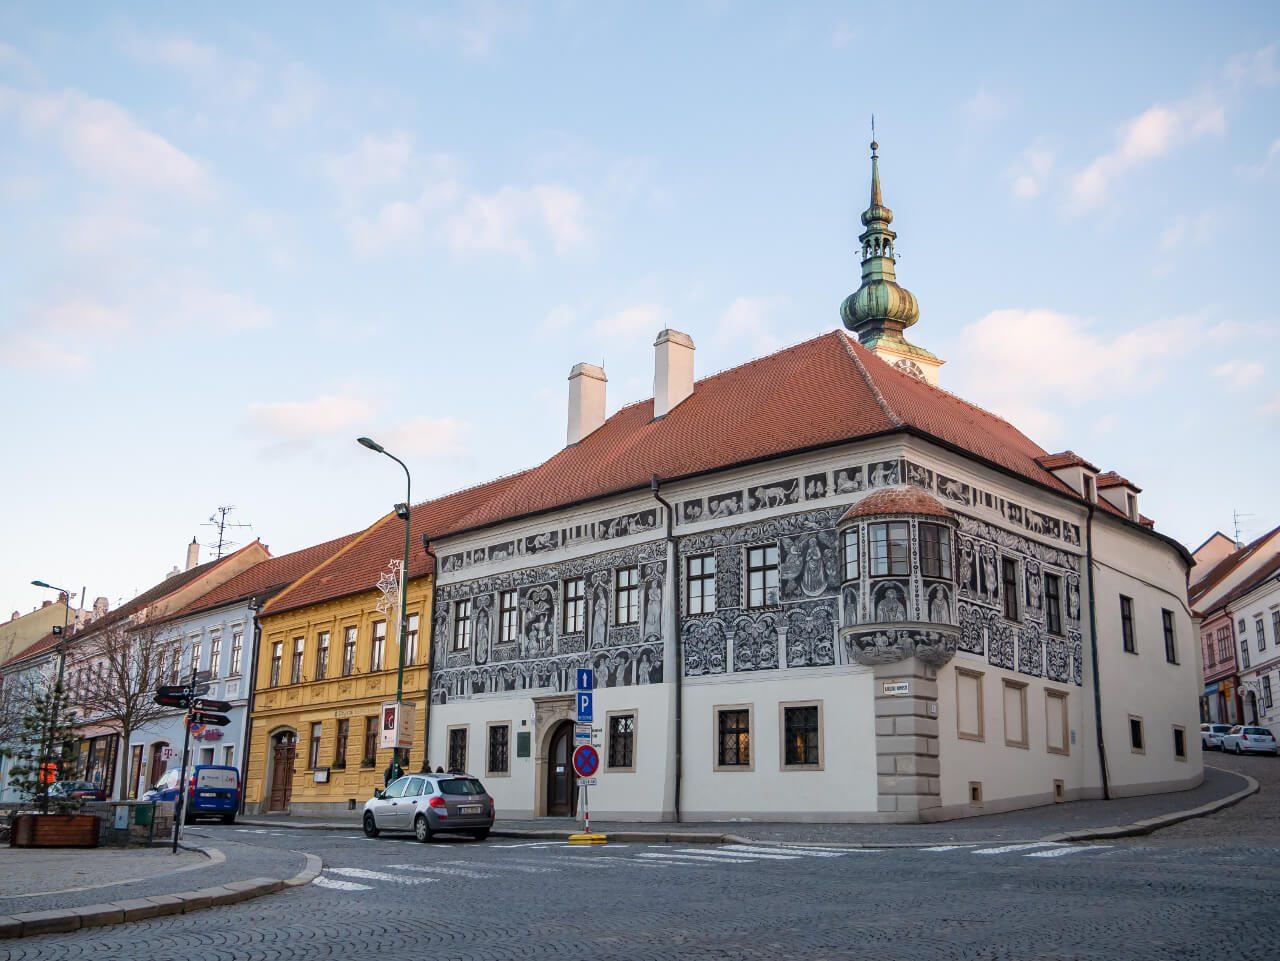 Malowany Dom w Trebic Czechy